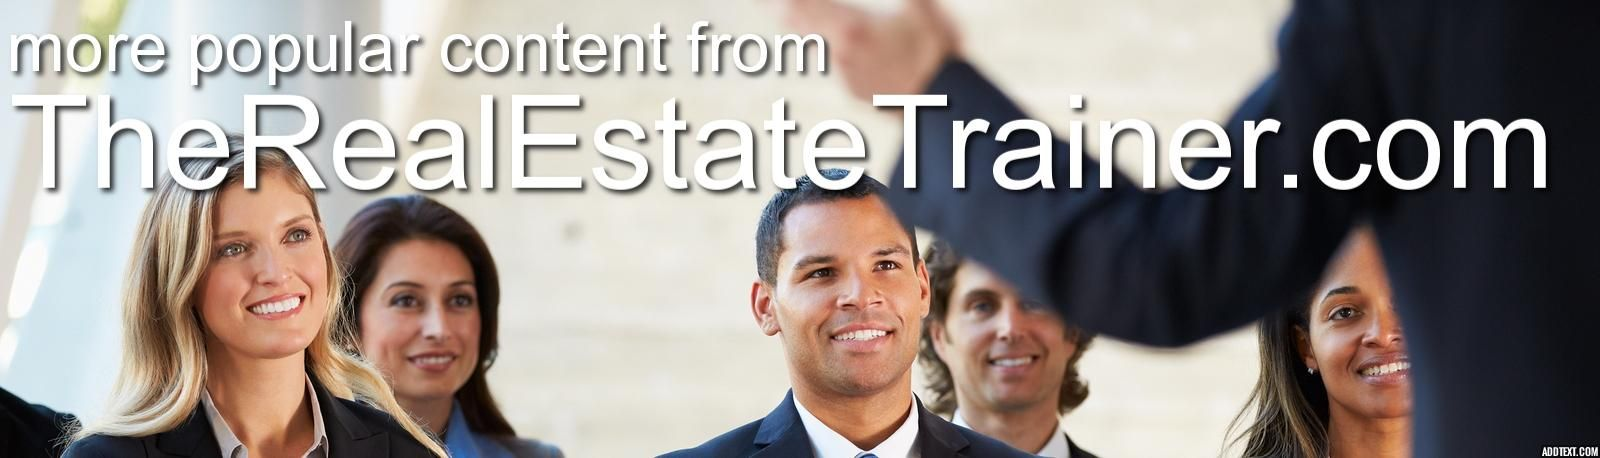 real estate agent job description